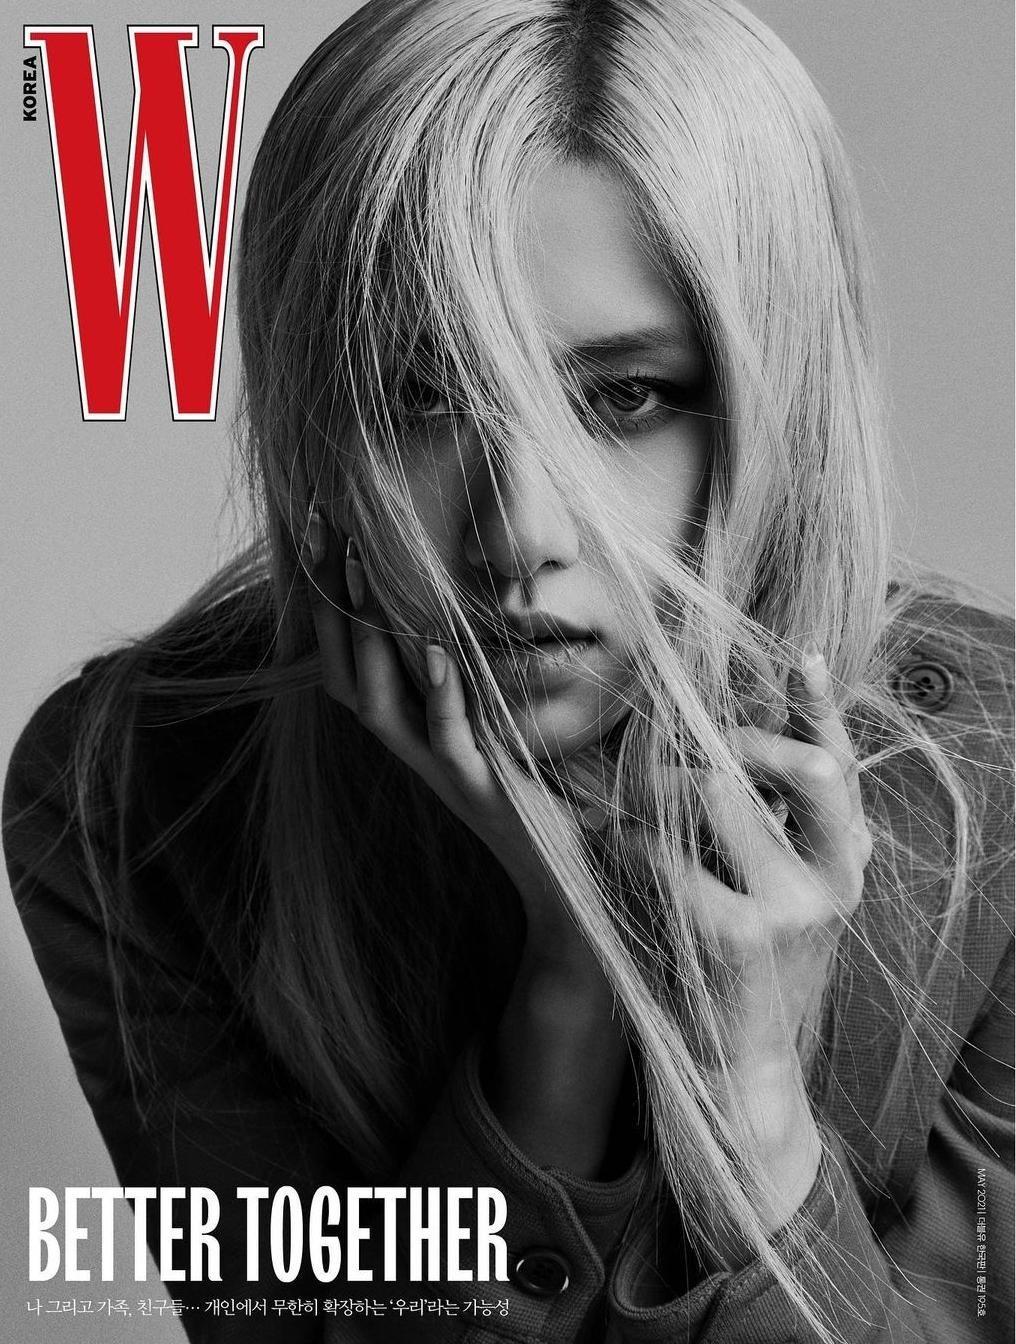 Rosé tiếp tục thể hiện đẳng cấp đại sứ thương hiệu, lên bìa W Hàn với 5 phiên bản ấn tượng ảnh 1